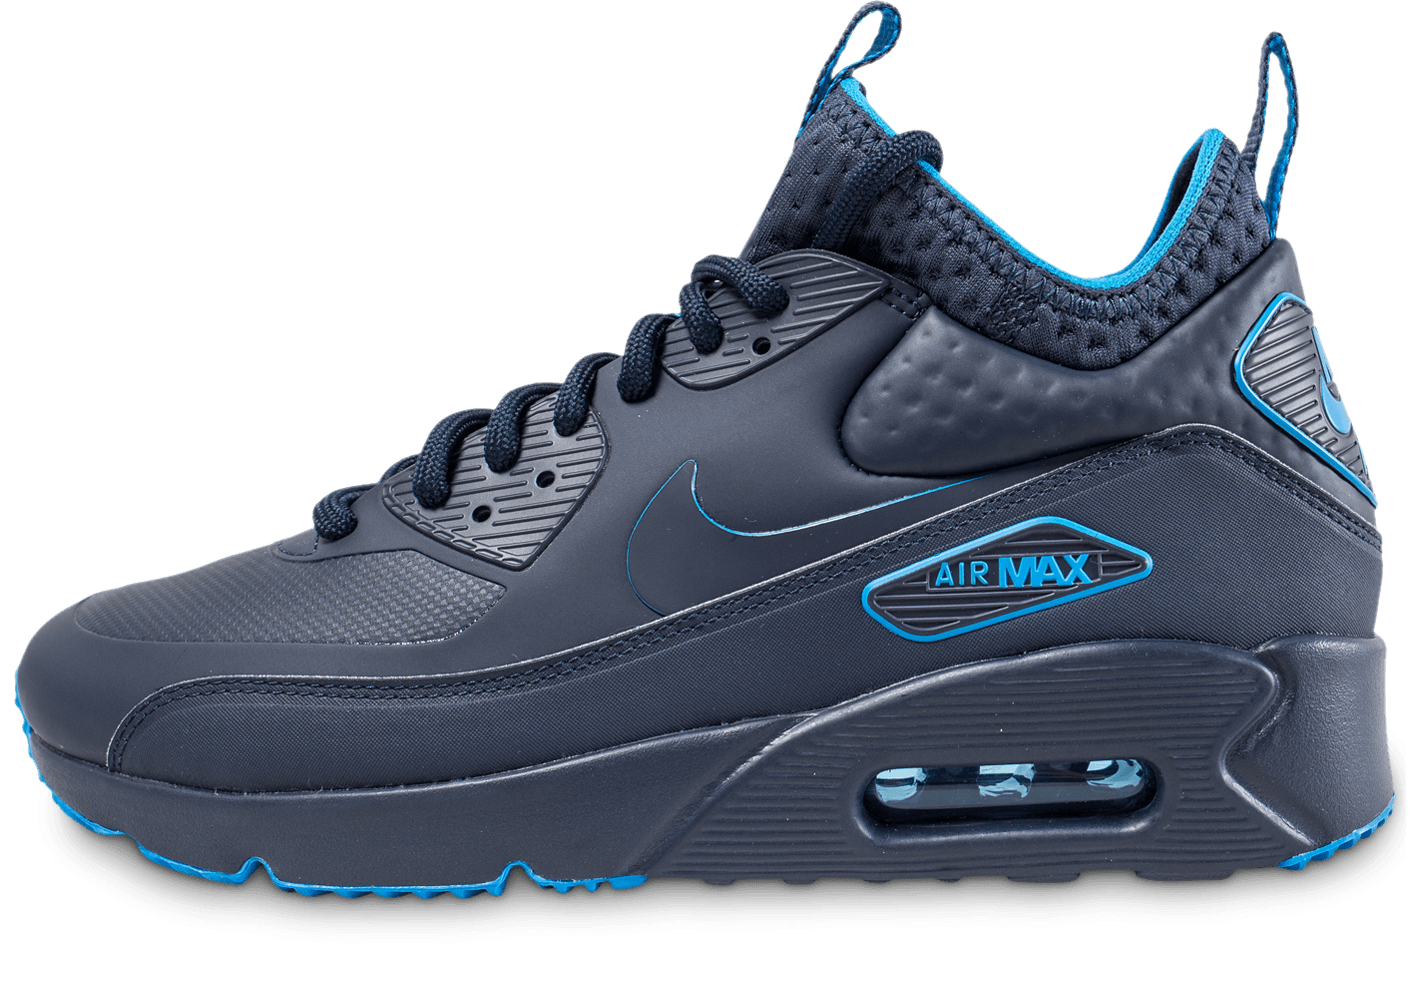 chaussure nike air max 90 bleu